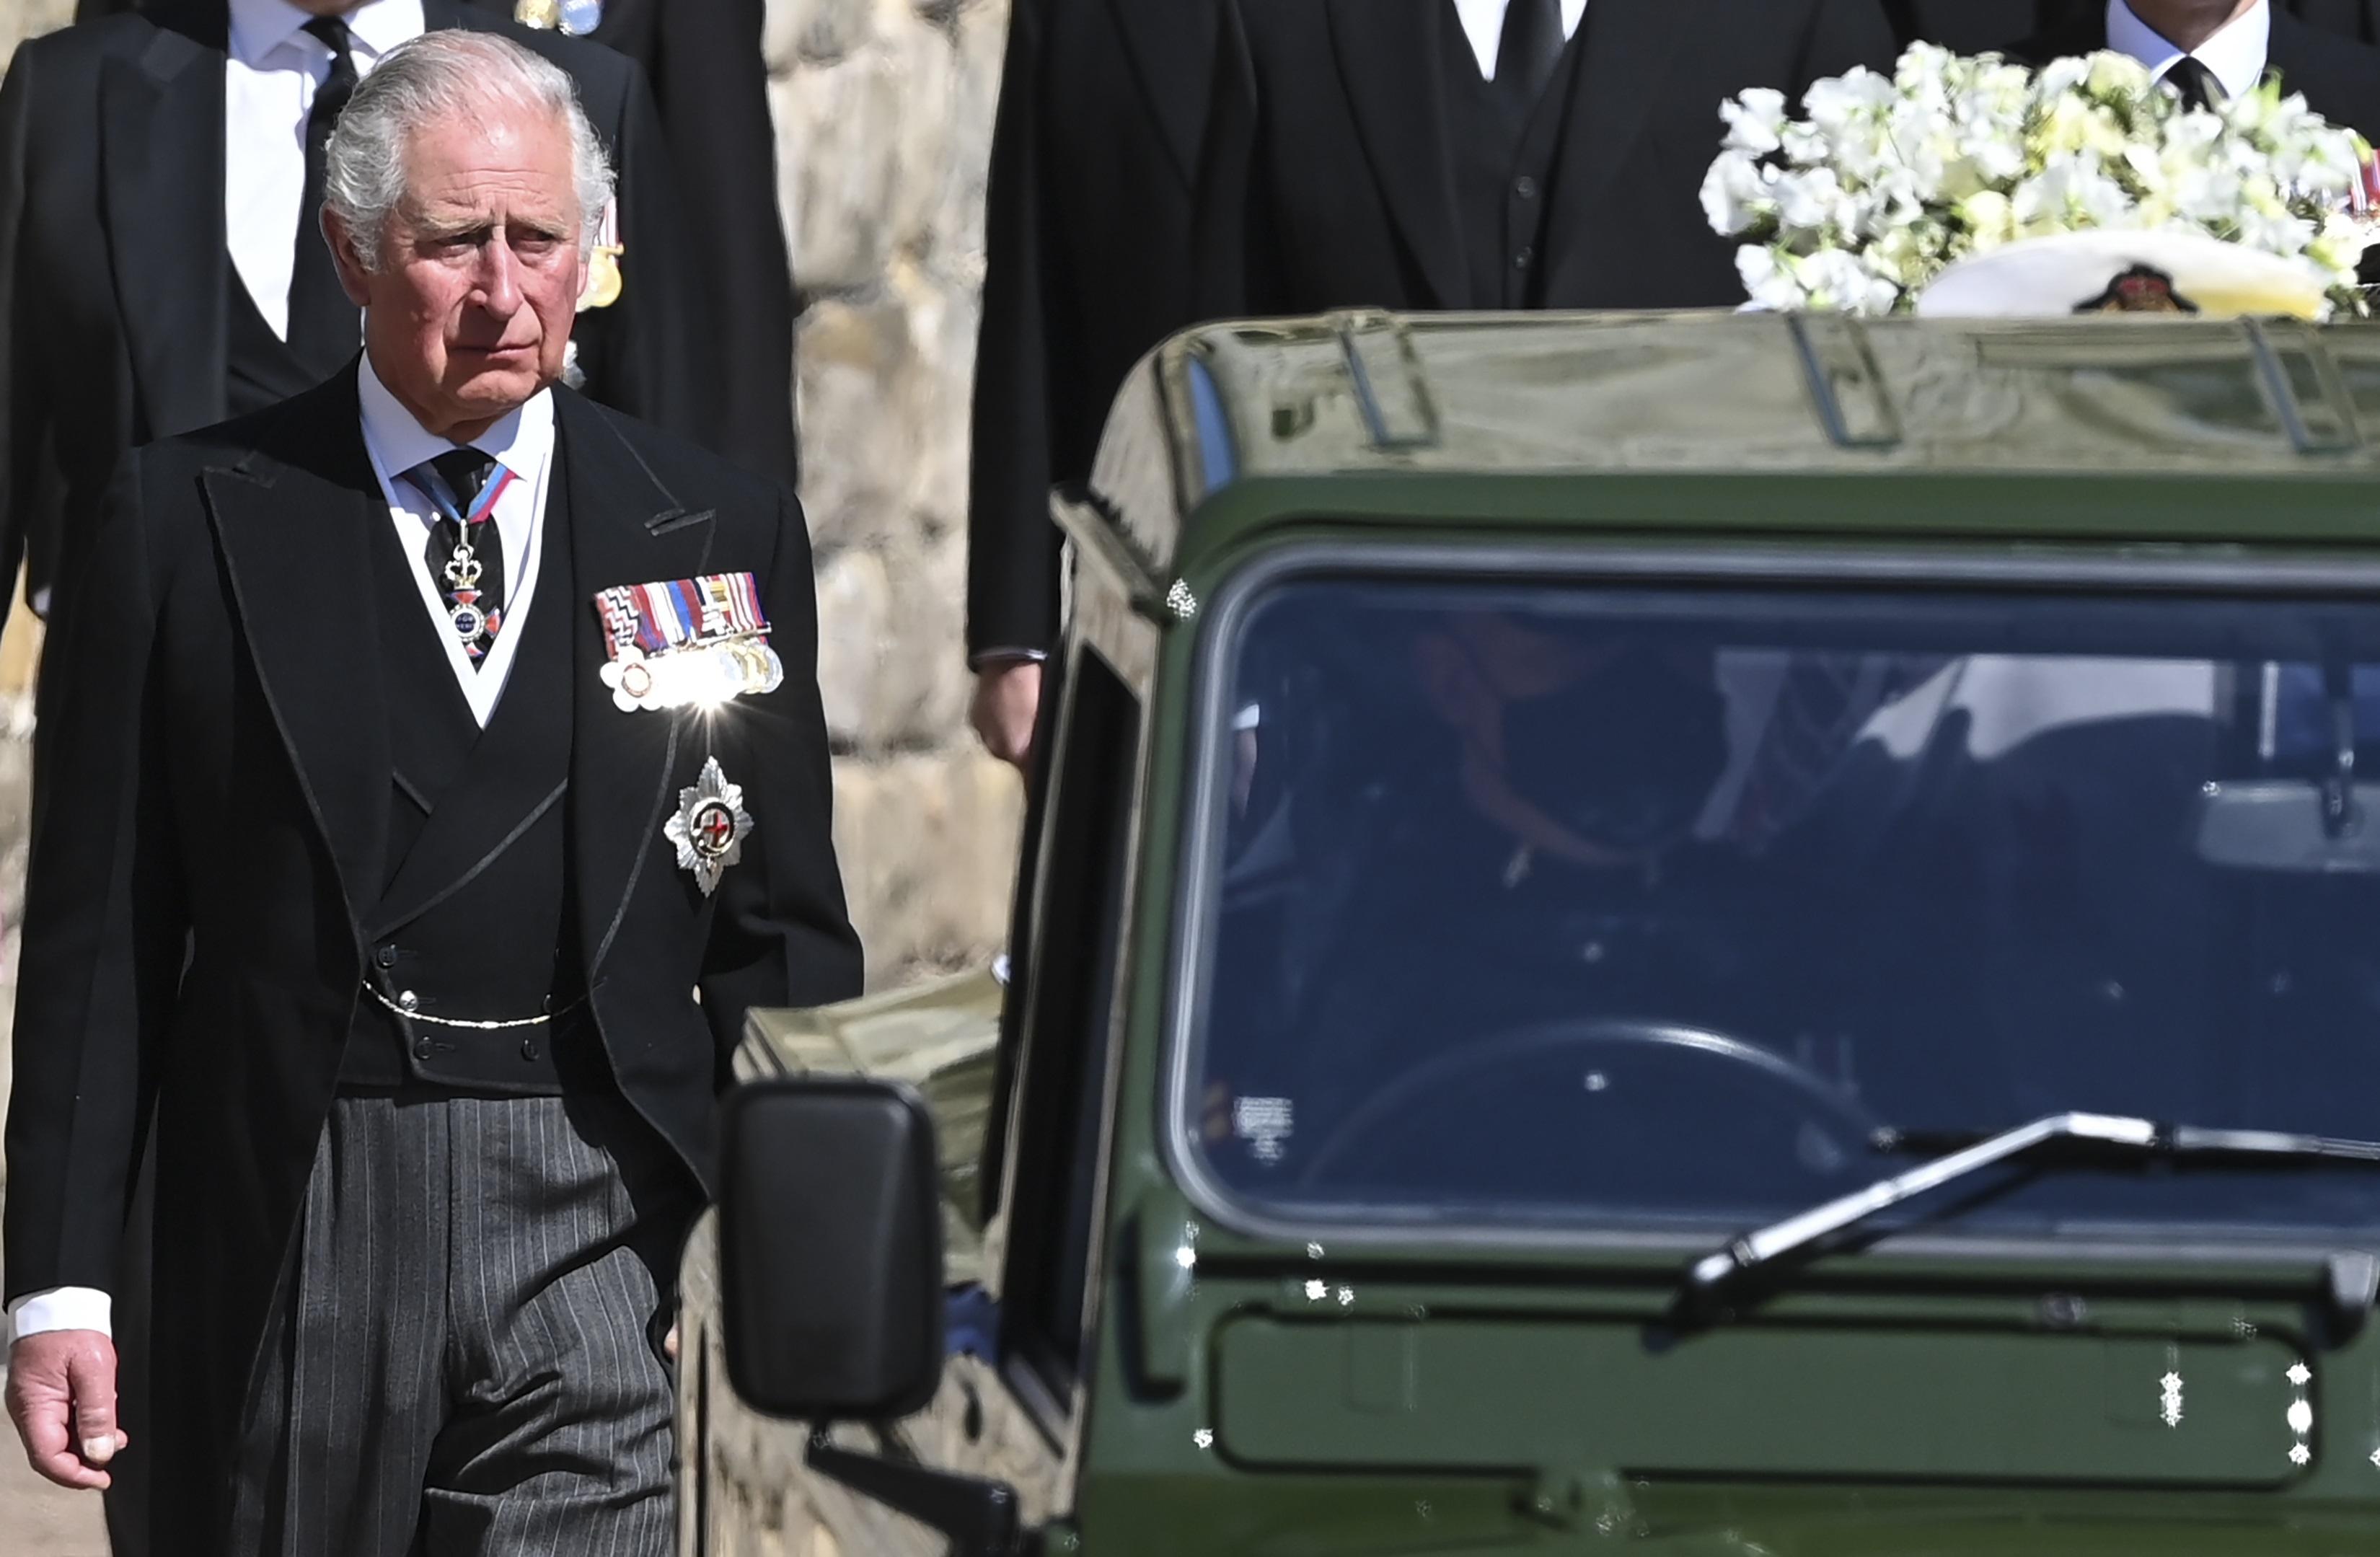 Al príncipe Charles, primogénito del duque de Edimburgo, se le vio muy afectado durante la ceremonia. (AP)